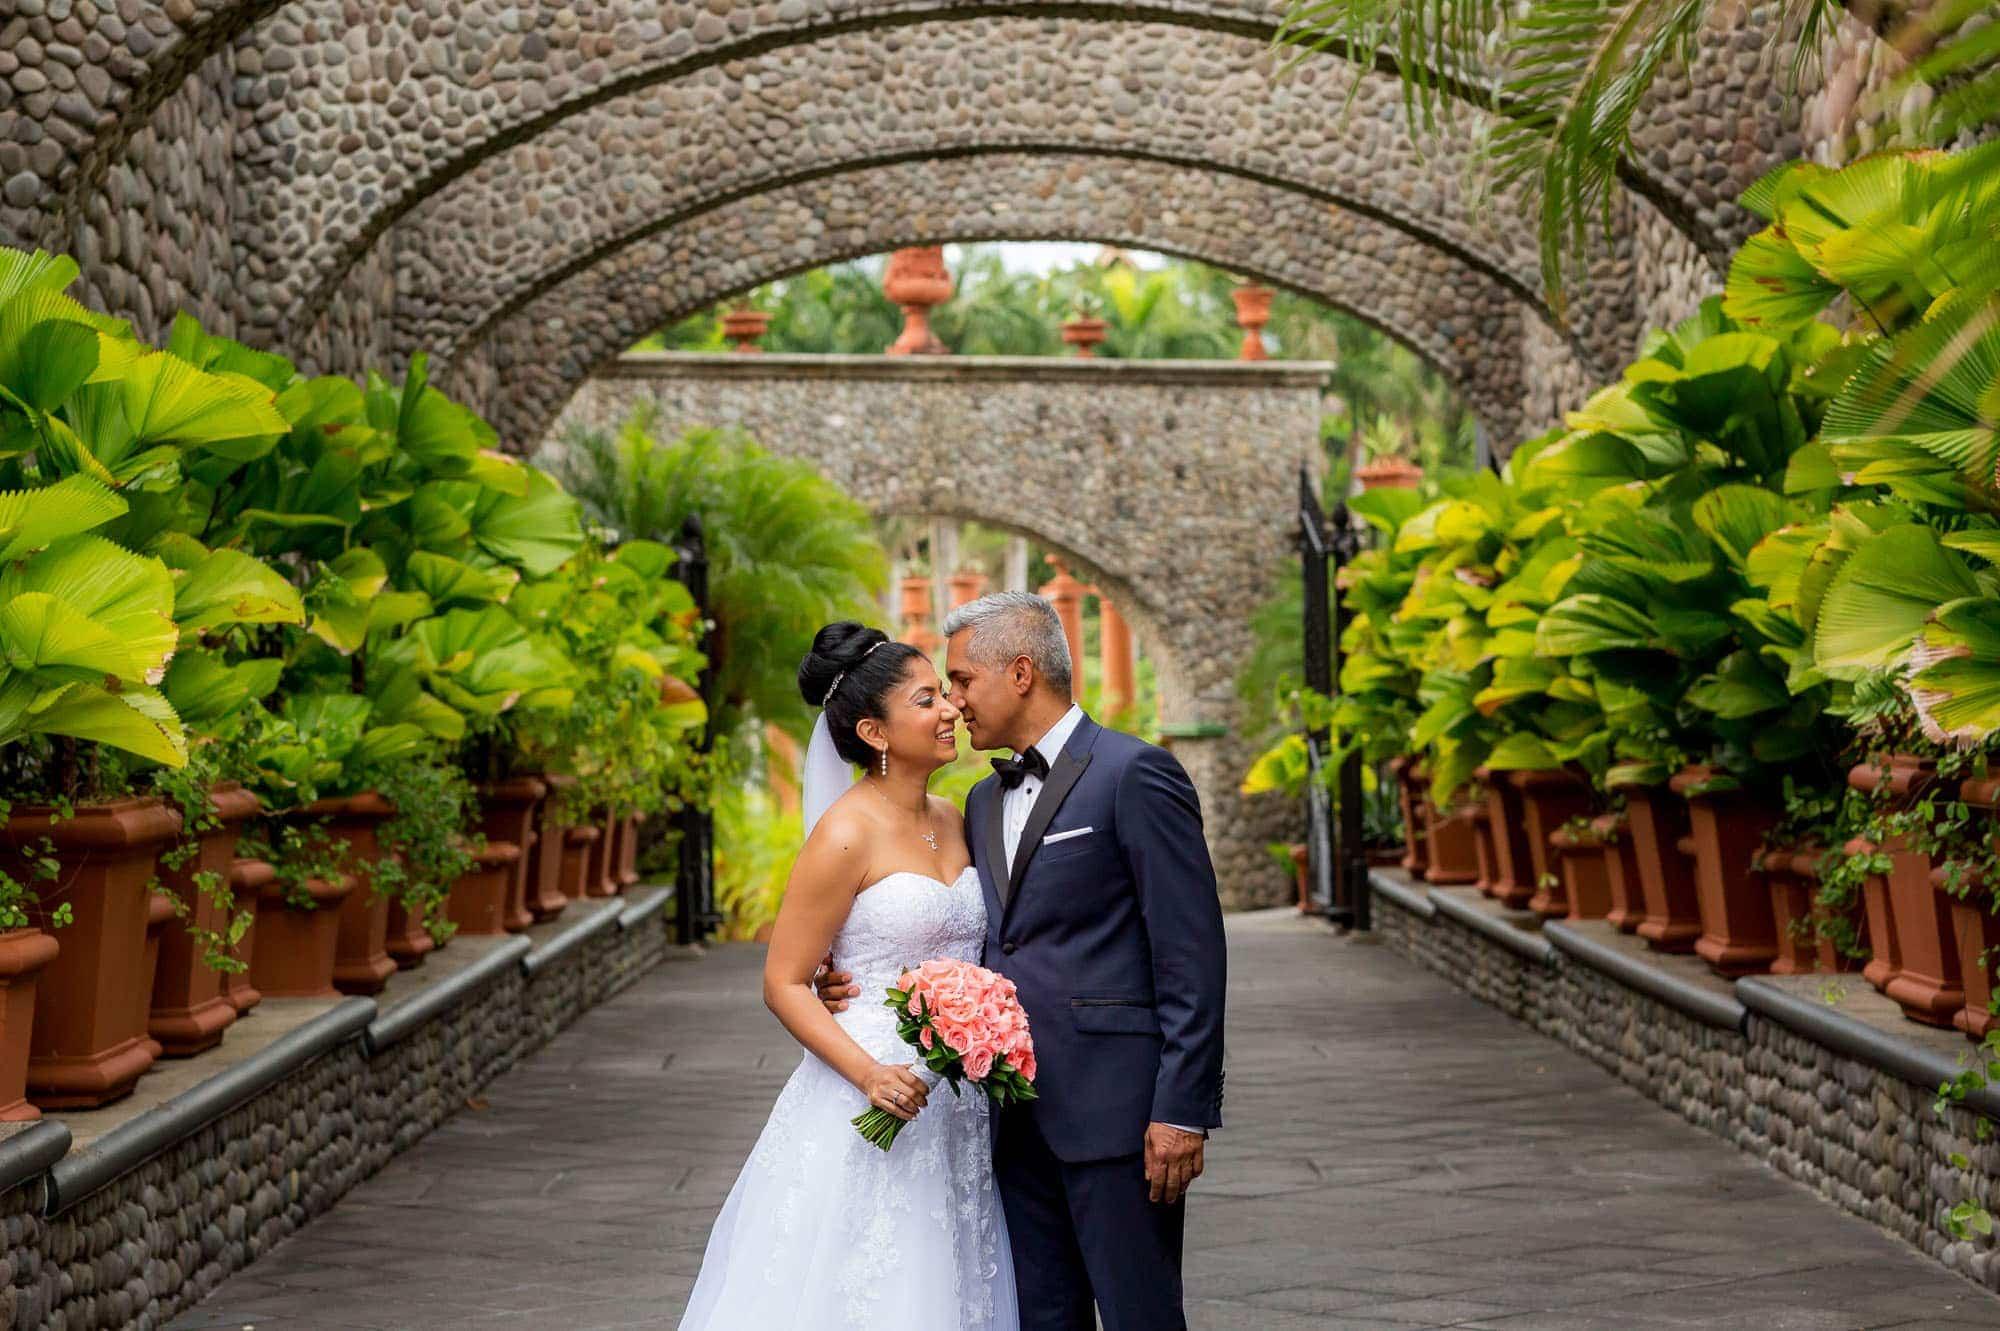 A symbolic wedding in Villa Caletas